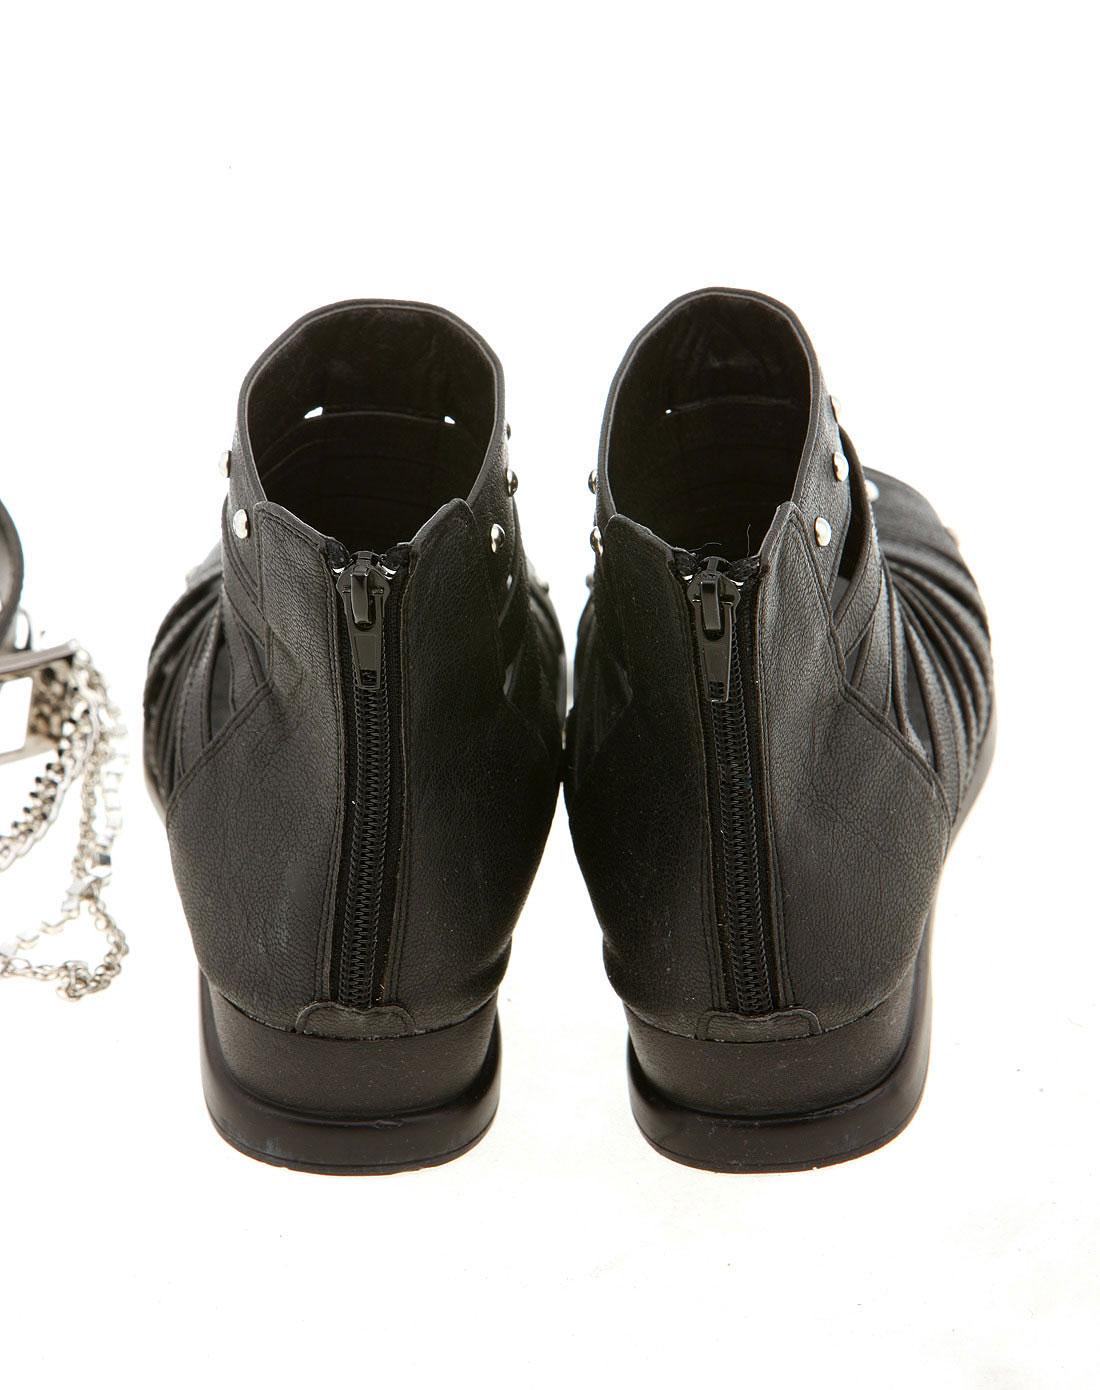 绿盒子greenbox男女童装女童凉鞋个性镂空大童新款鞋